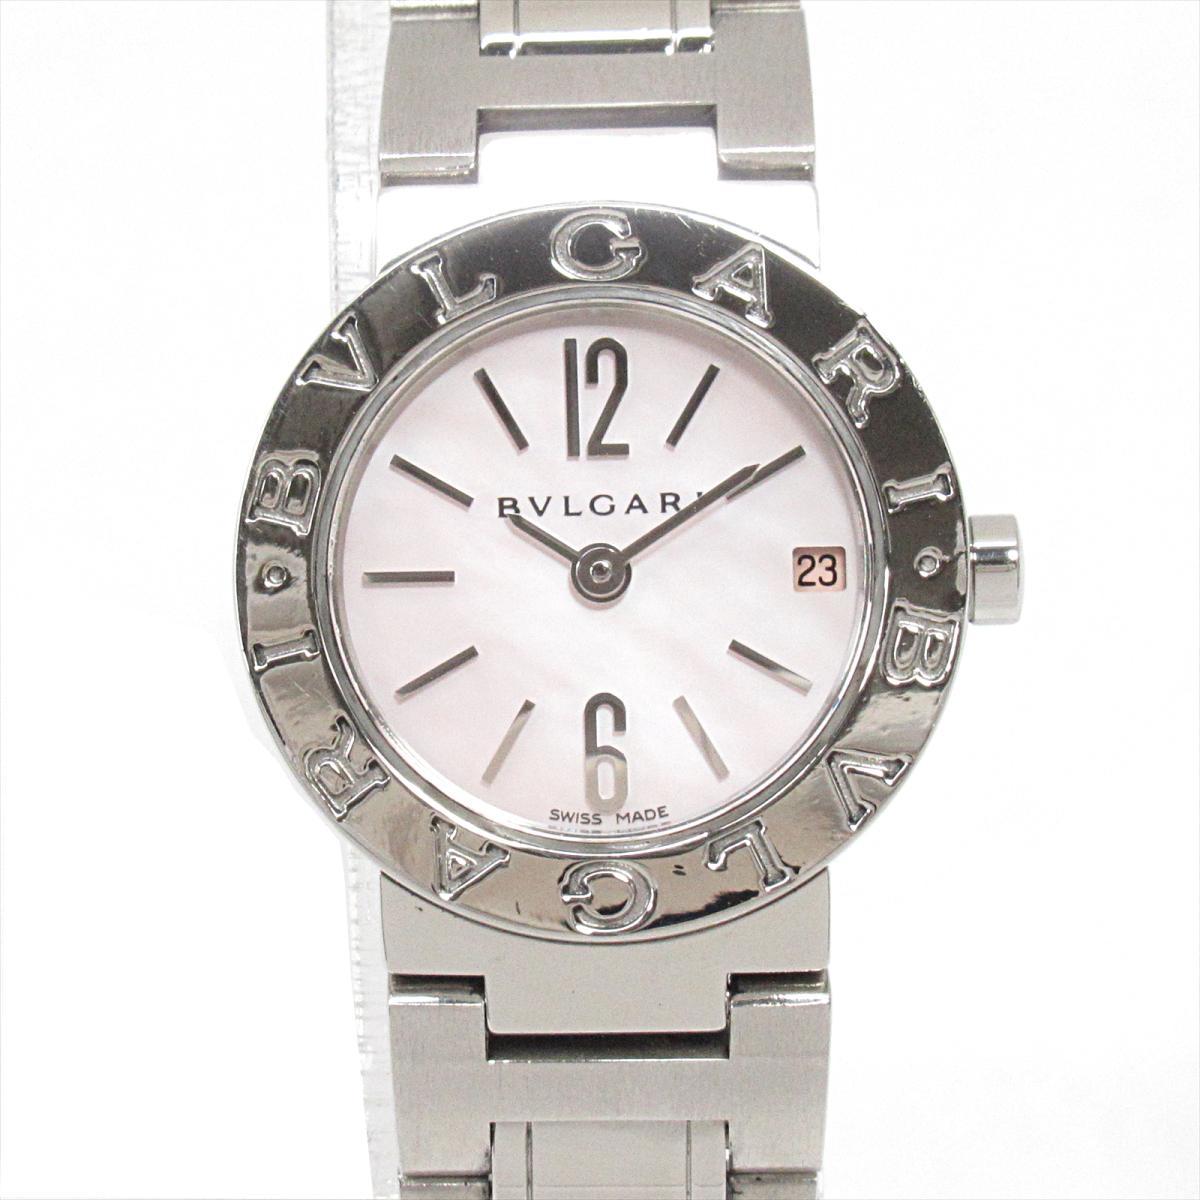 【中古】 ブルガリ ウォッチ 腕時計 レディース ステンレススチール (SS) (BB23SS) | BVLGARI BRANDOFF ブランドオフ ブランド ブランド時計 ブランド腕時計 時計